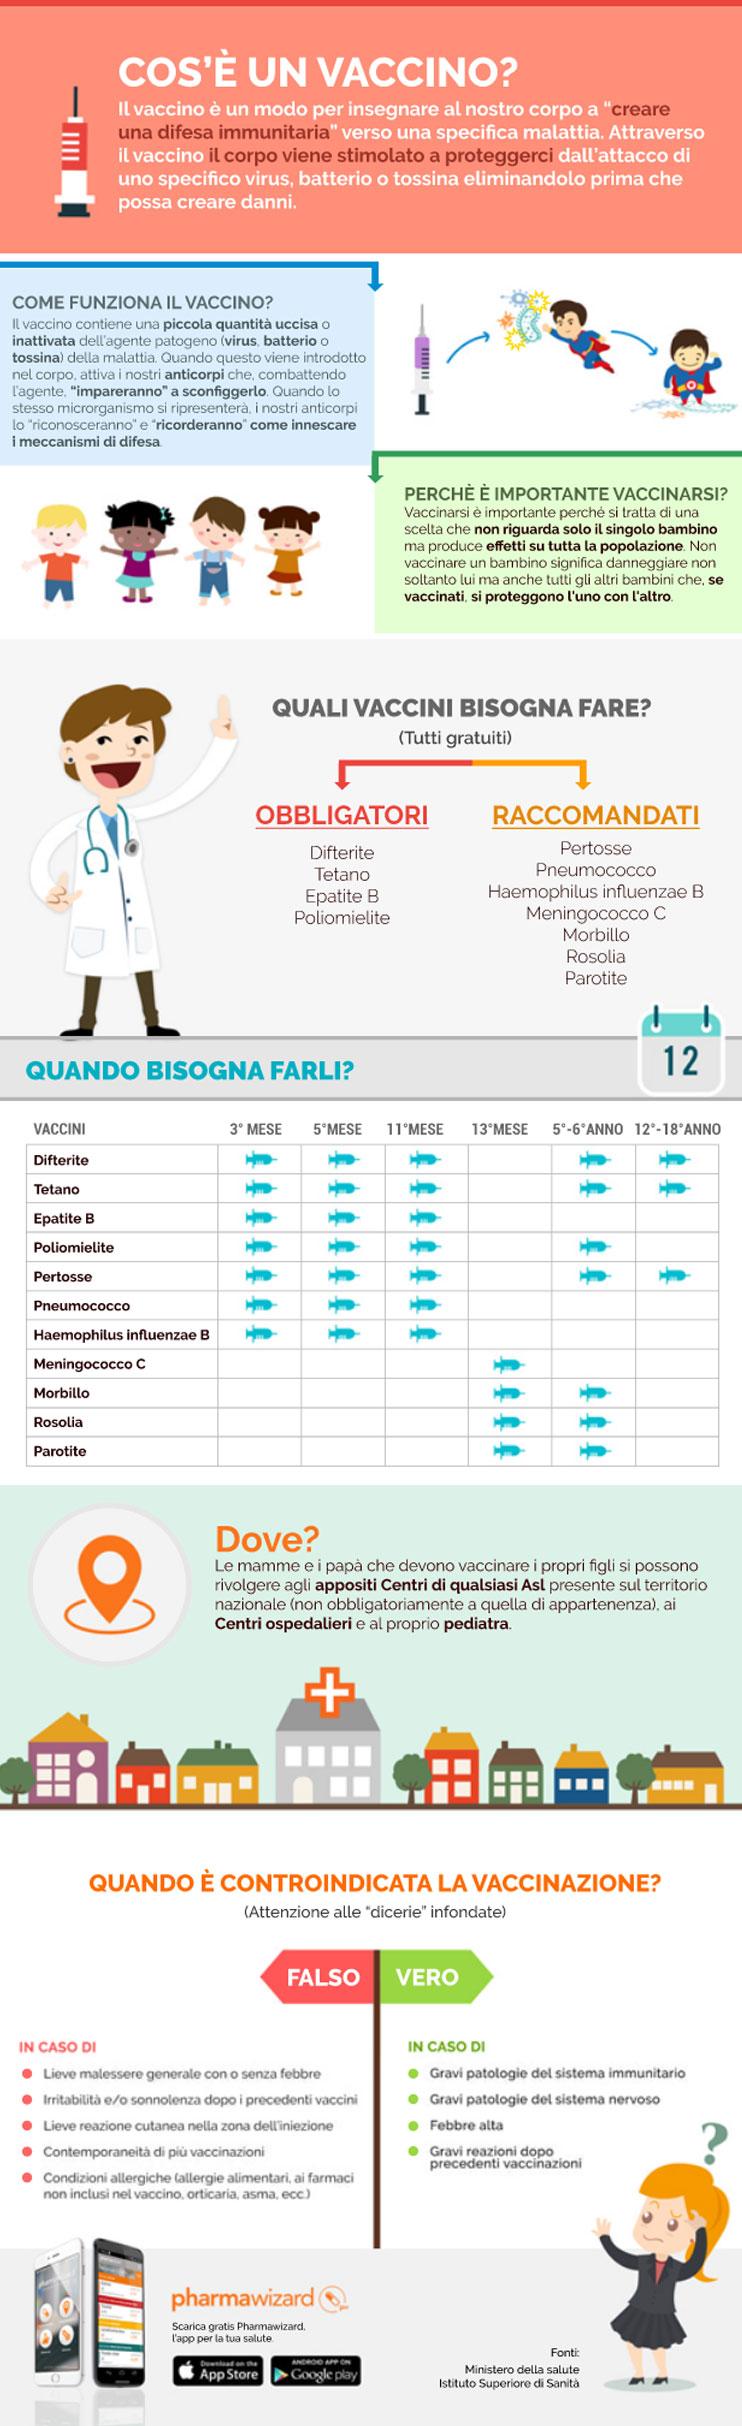 infografica sui vaccini